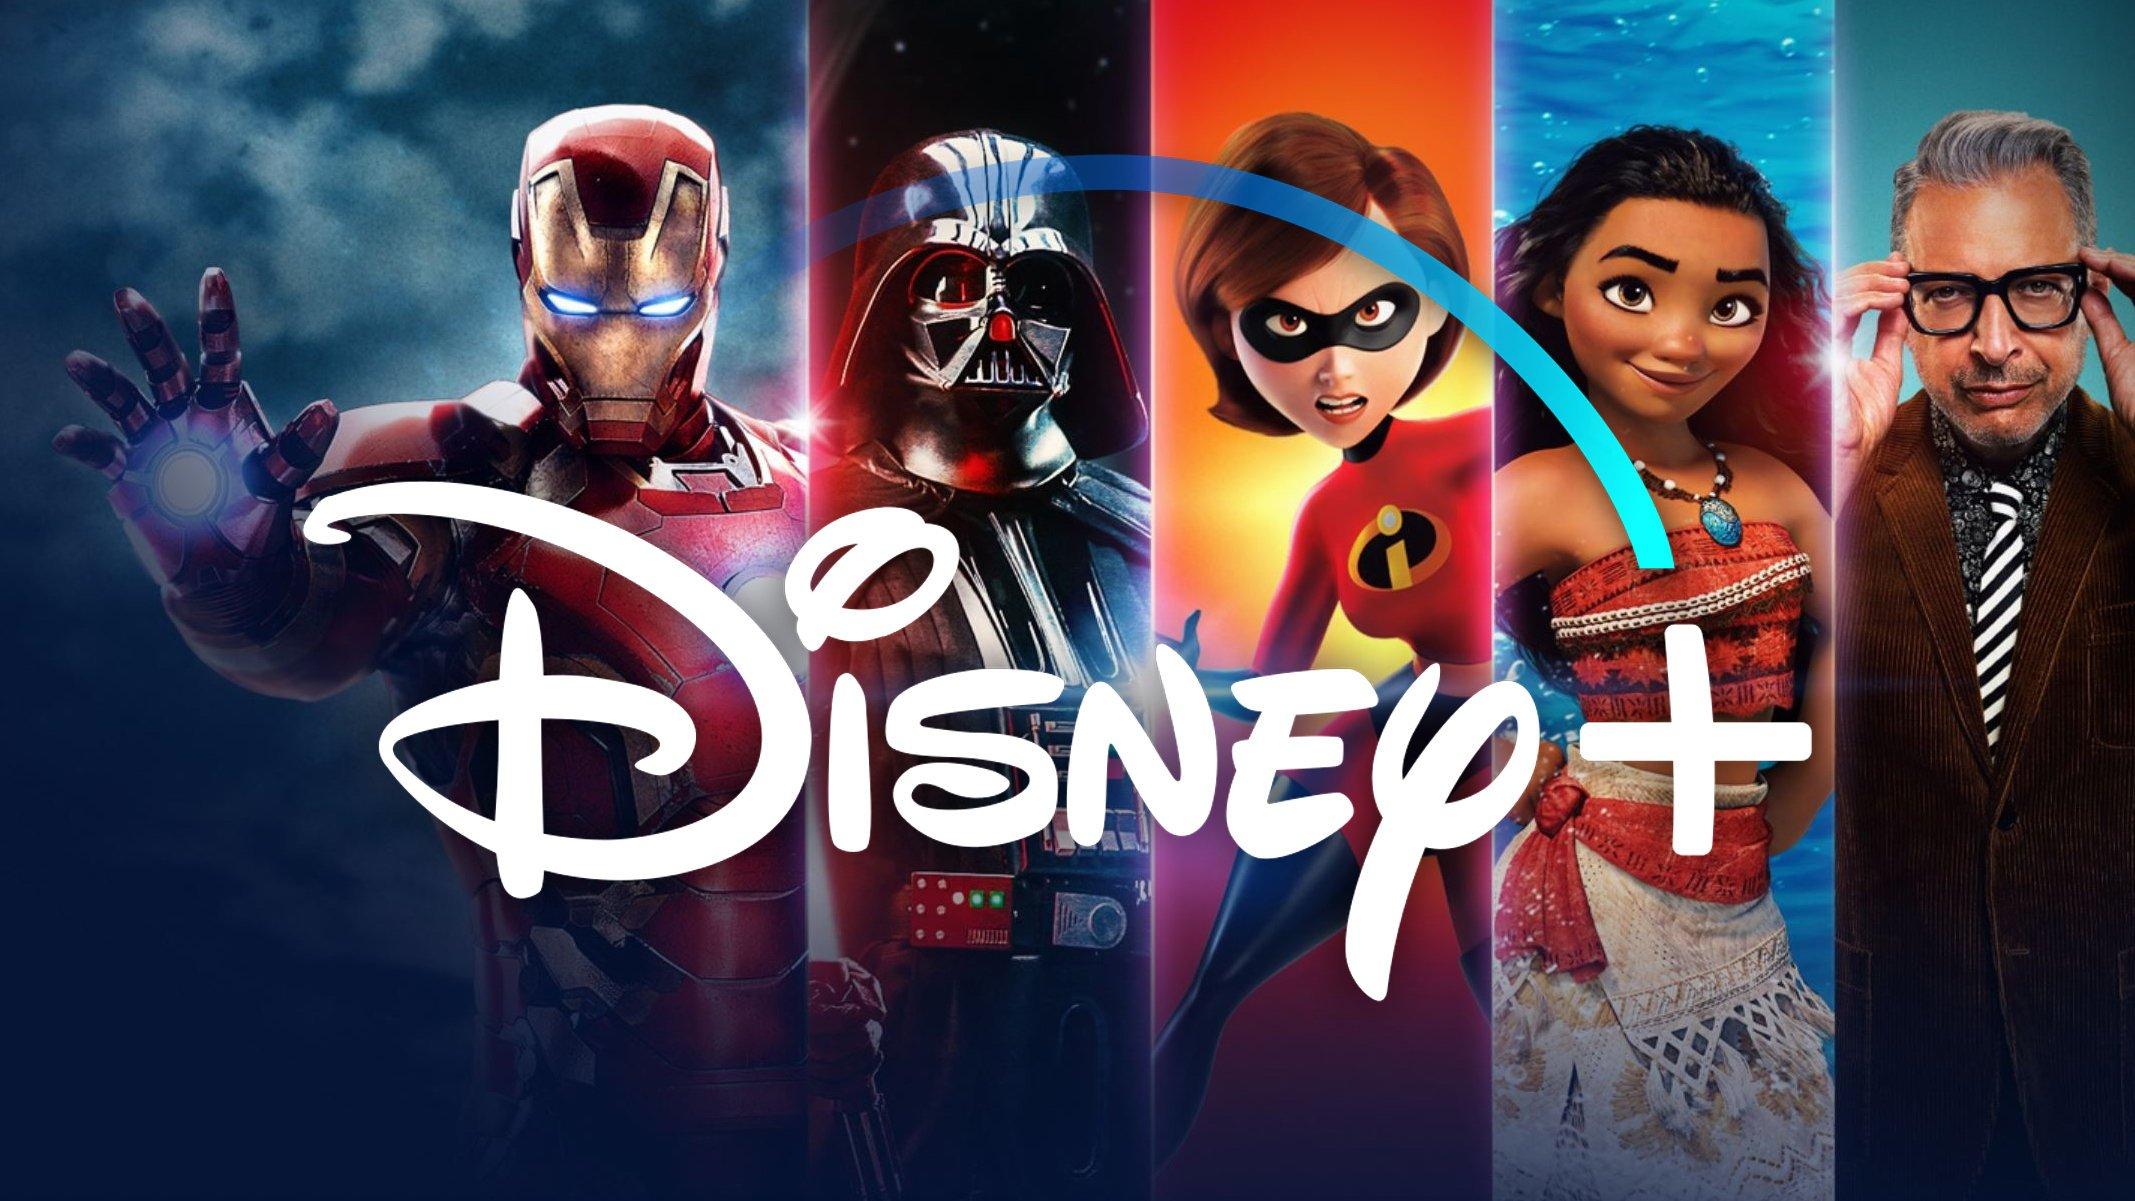 [Abonnés Freebox Pop et Freebox Delta] Disney+ gratuit pendant 6 mois (sans engagement)